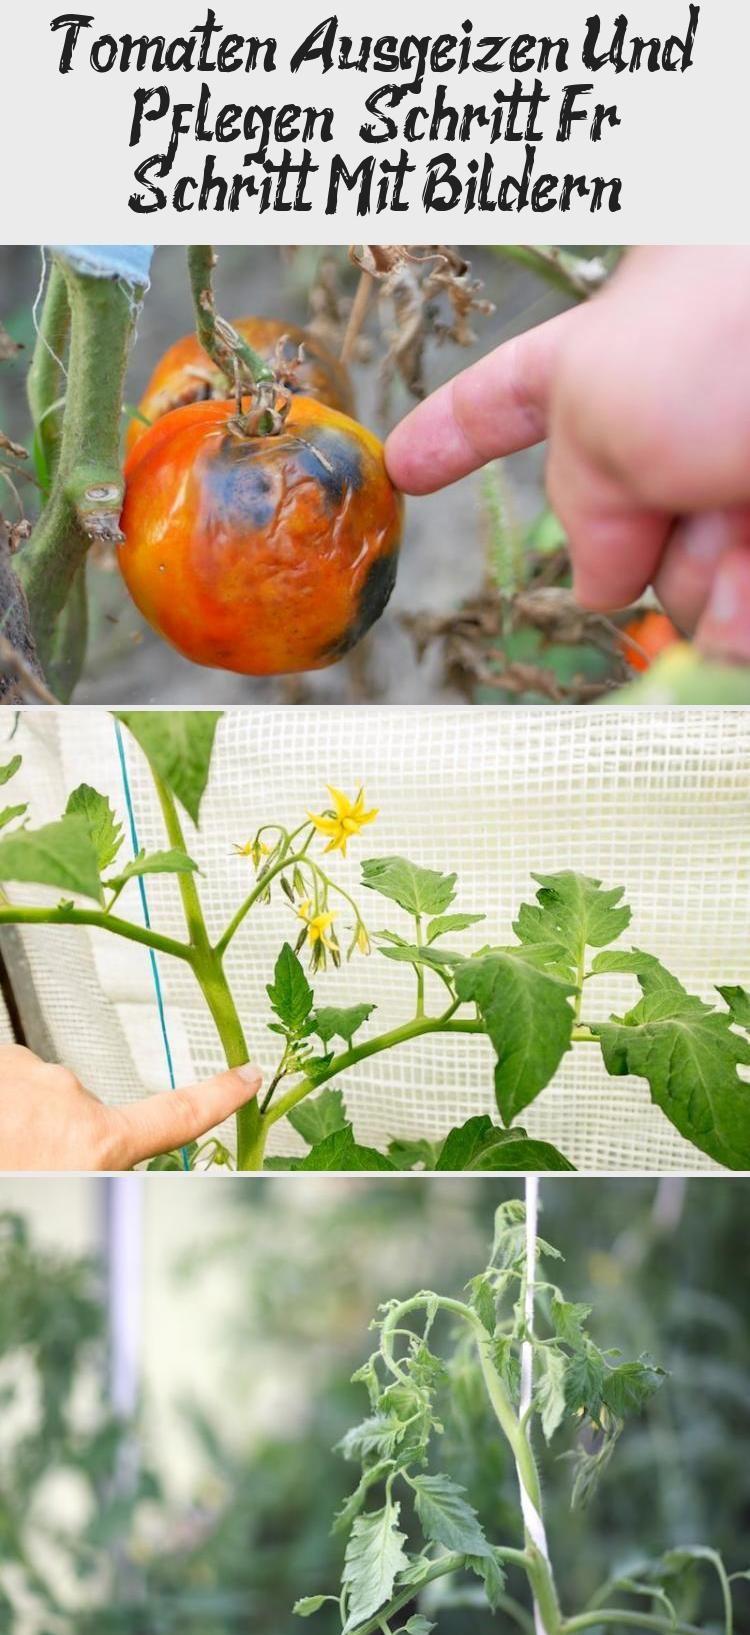 Tomaten Ausgeizen Und Pflegen – Schritt Für Schritt Mit Bildern! #tomatenpflanzen